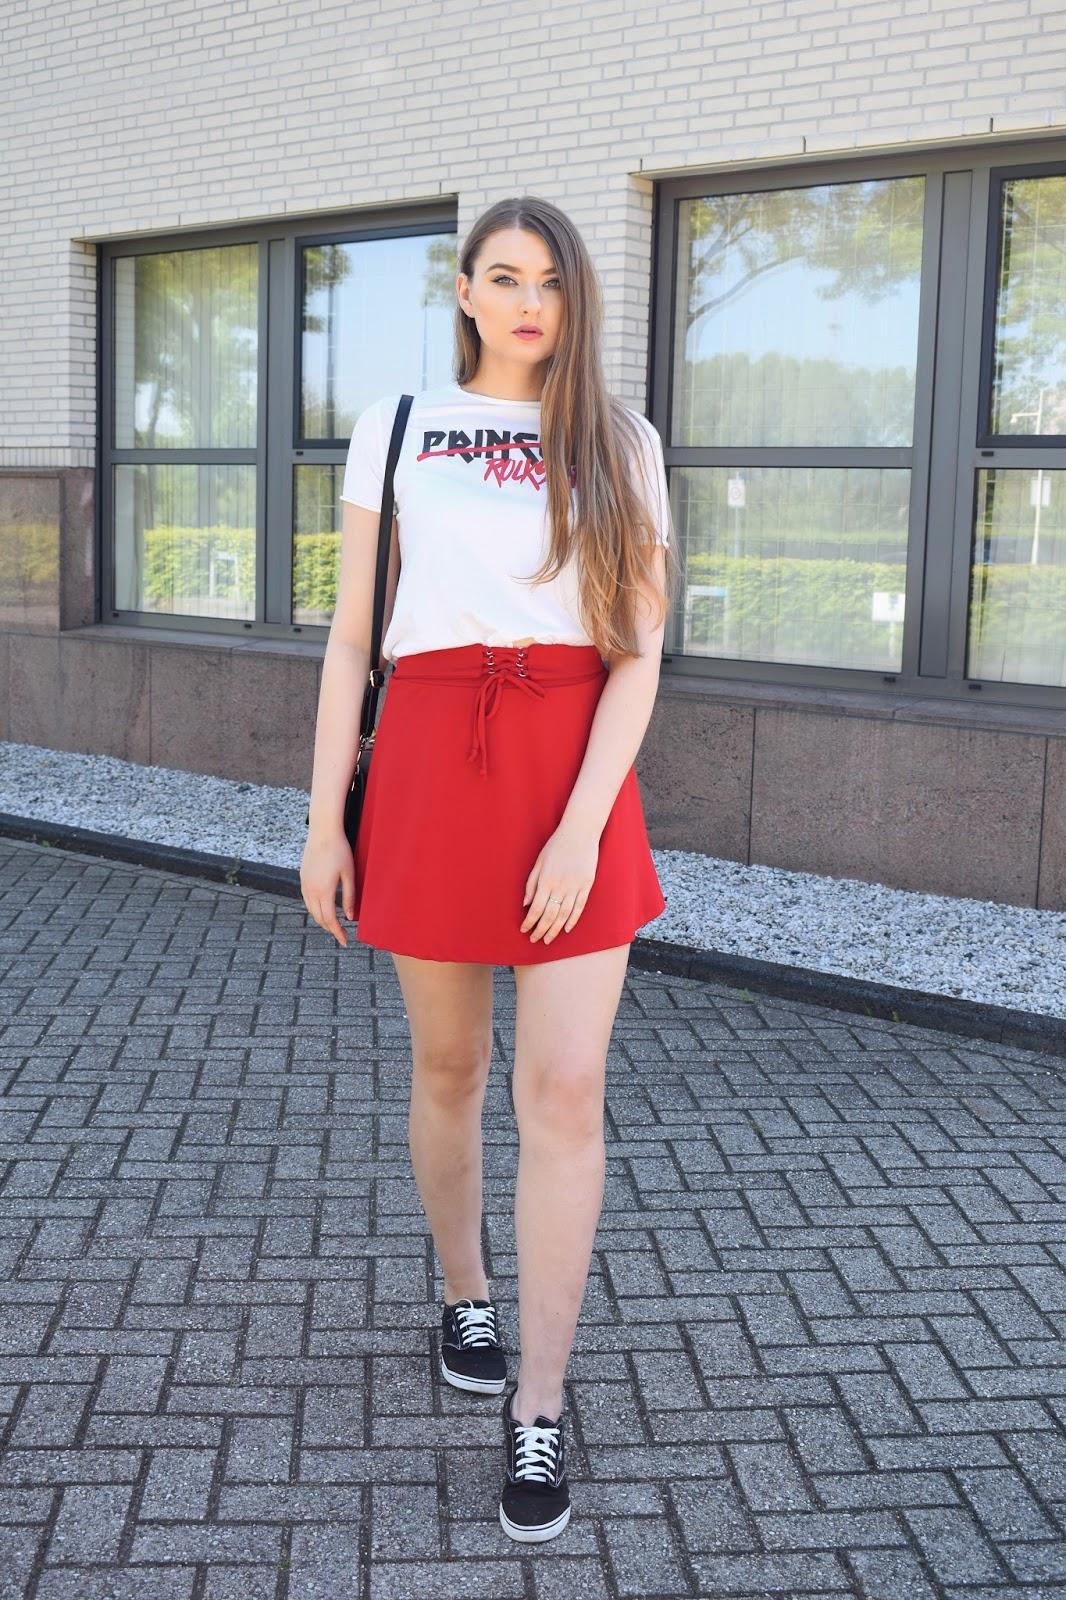 Co pasuje do czerwonej spódnicy?